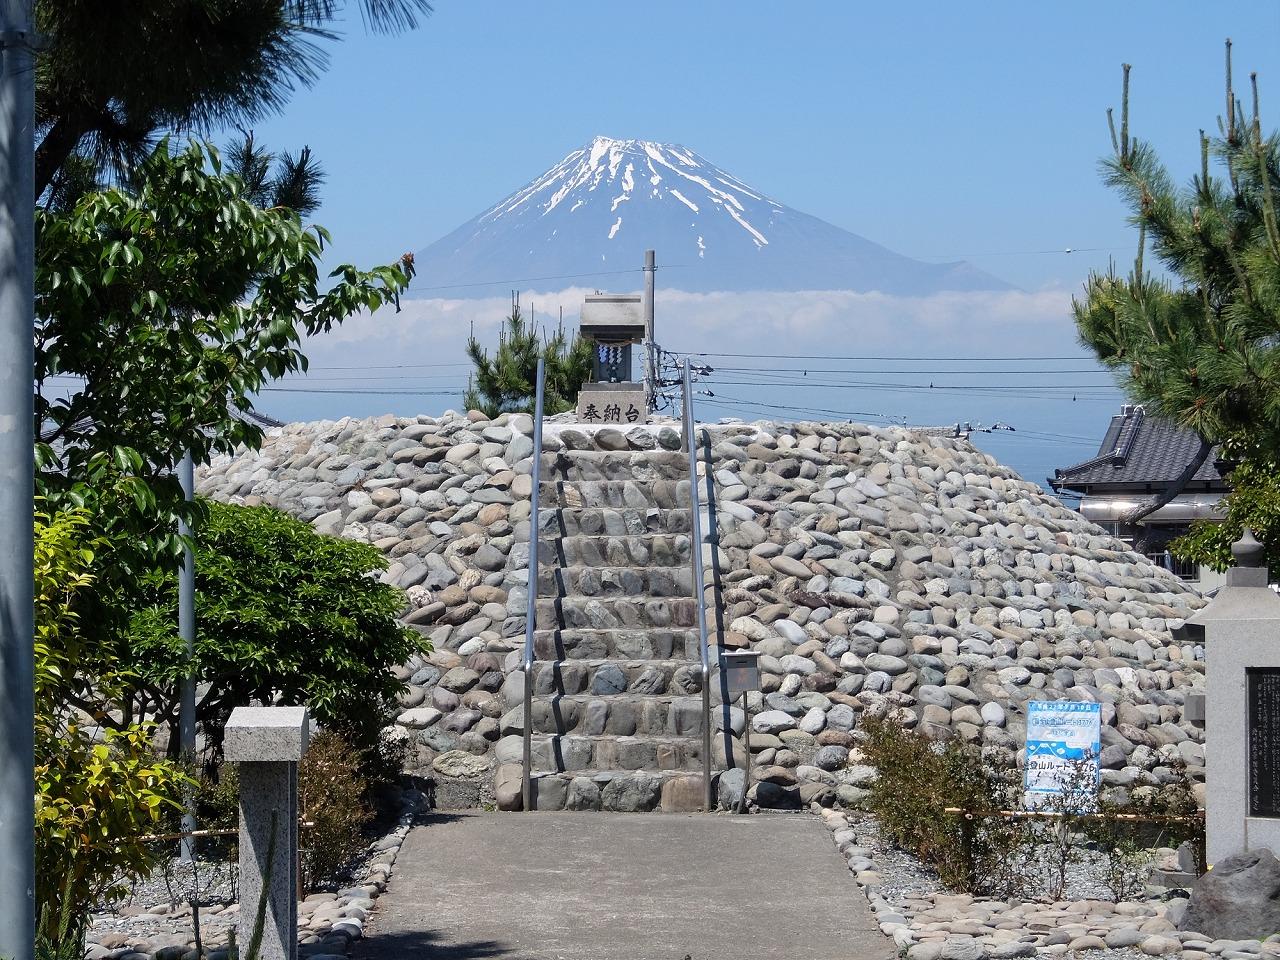 海抜0mから六合目へ!いにしえの富士登拝路を行く<br>富士山村山古道 2日間